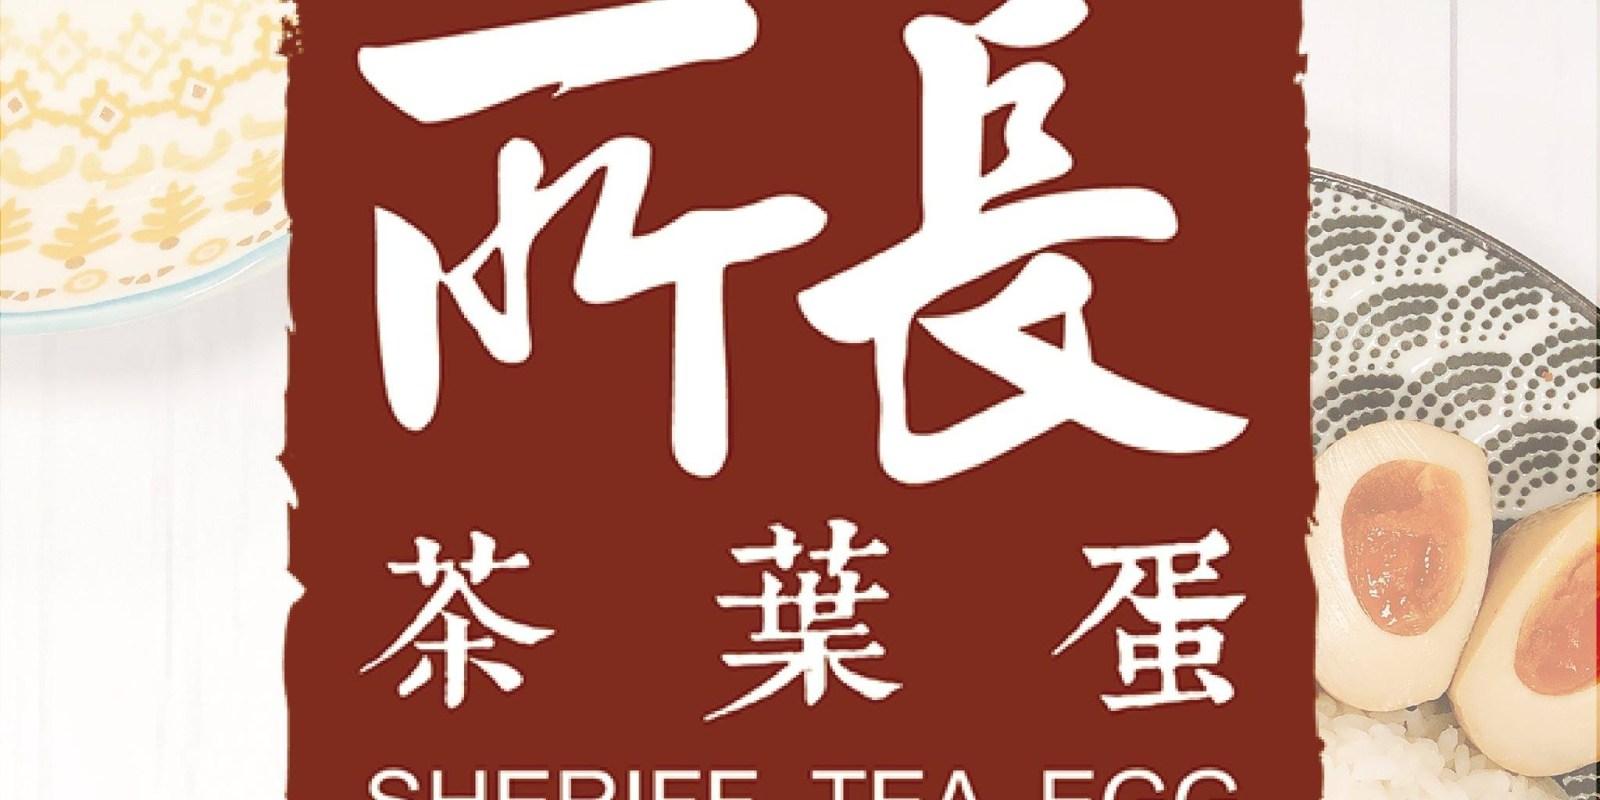 【菜單】所長茶葉蛋菜單 所長茶葉蛋2021年菜單/價目表 分店資訊 所長茶葉蛋(7月更新)